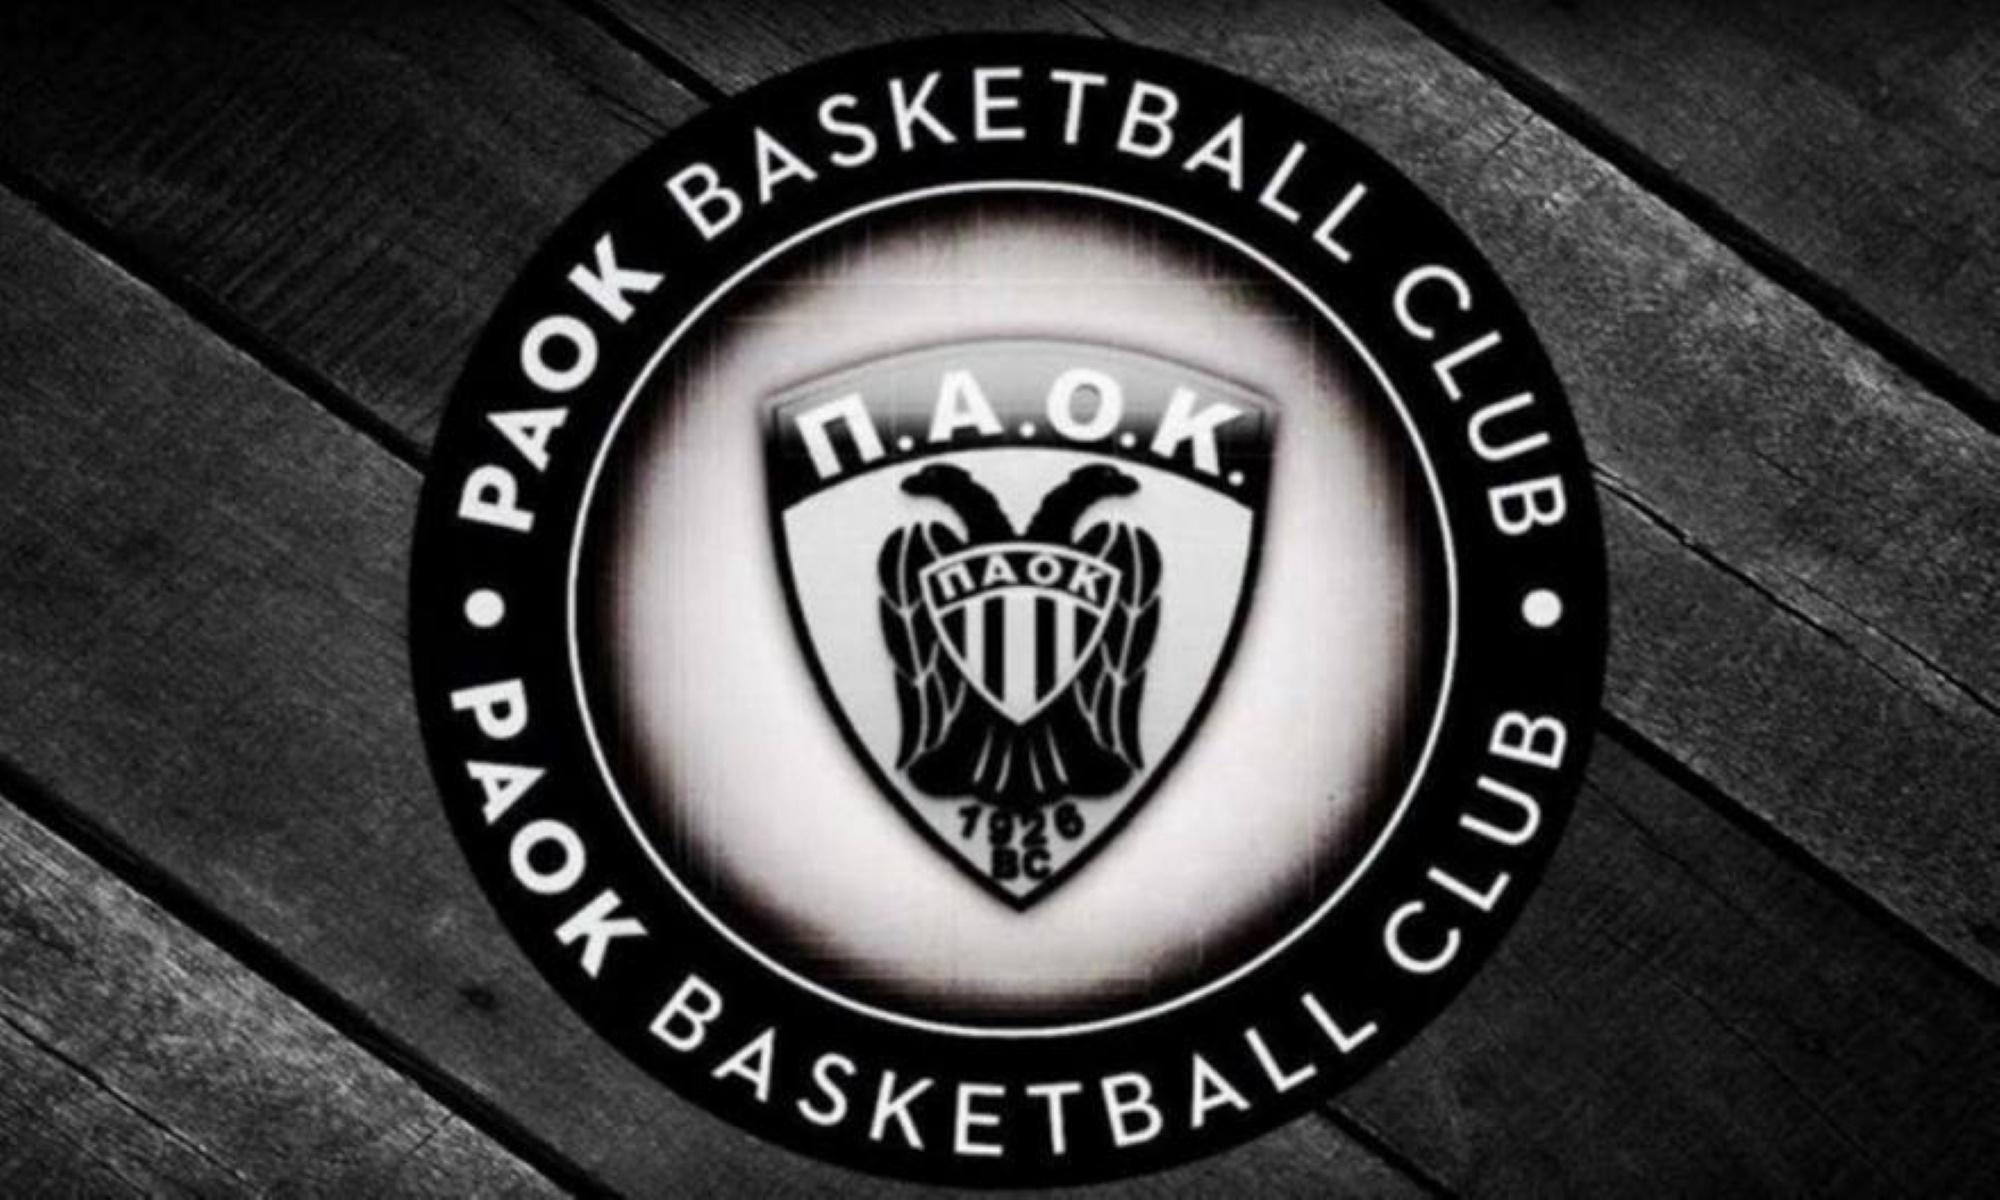 Πένθος στον μπασκετικό ΠΑΟΚ – Πέθανε ο Μπάμπης Αγγελίδης